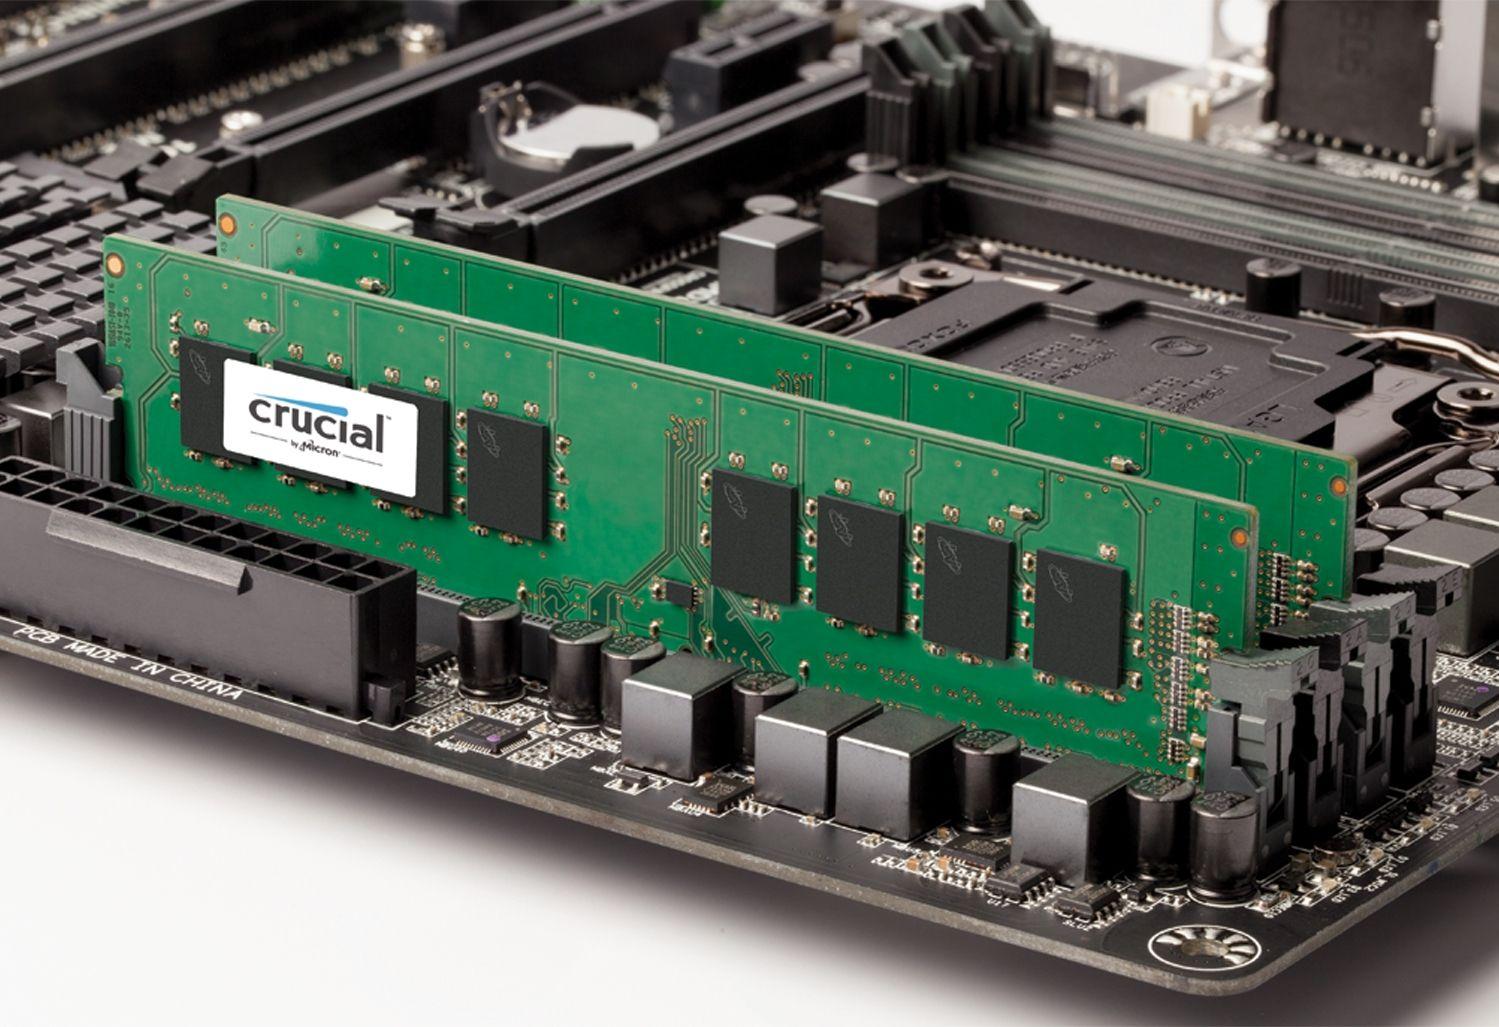 Ein Crucial RAM-Modul auf einer freigelegten Hauptplatine, um anzuzeigen, wie der Arbeitsspeicher in einem alten Computer aufgerüstet werden kann